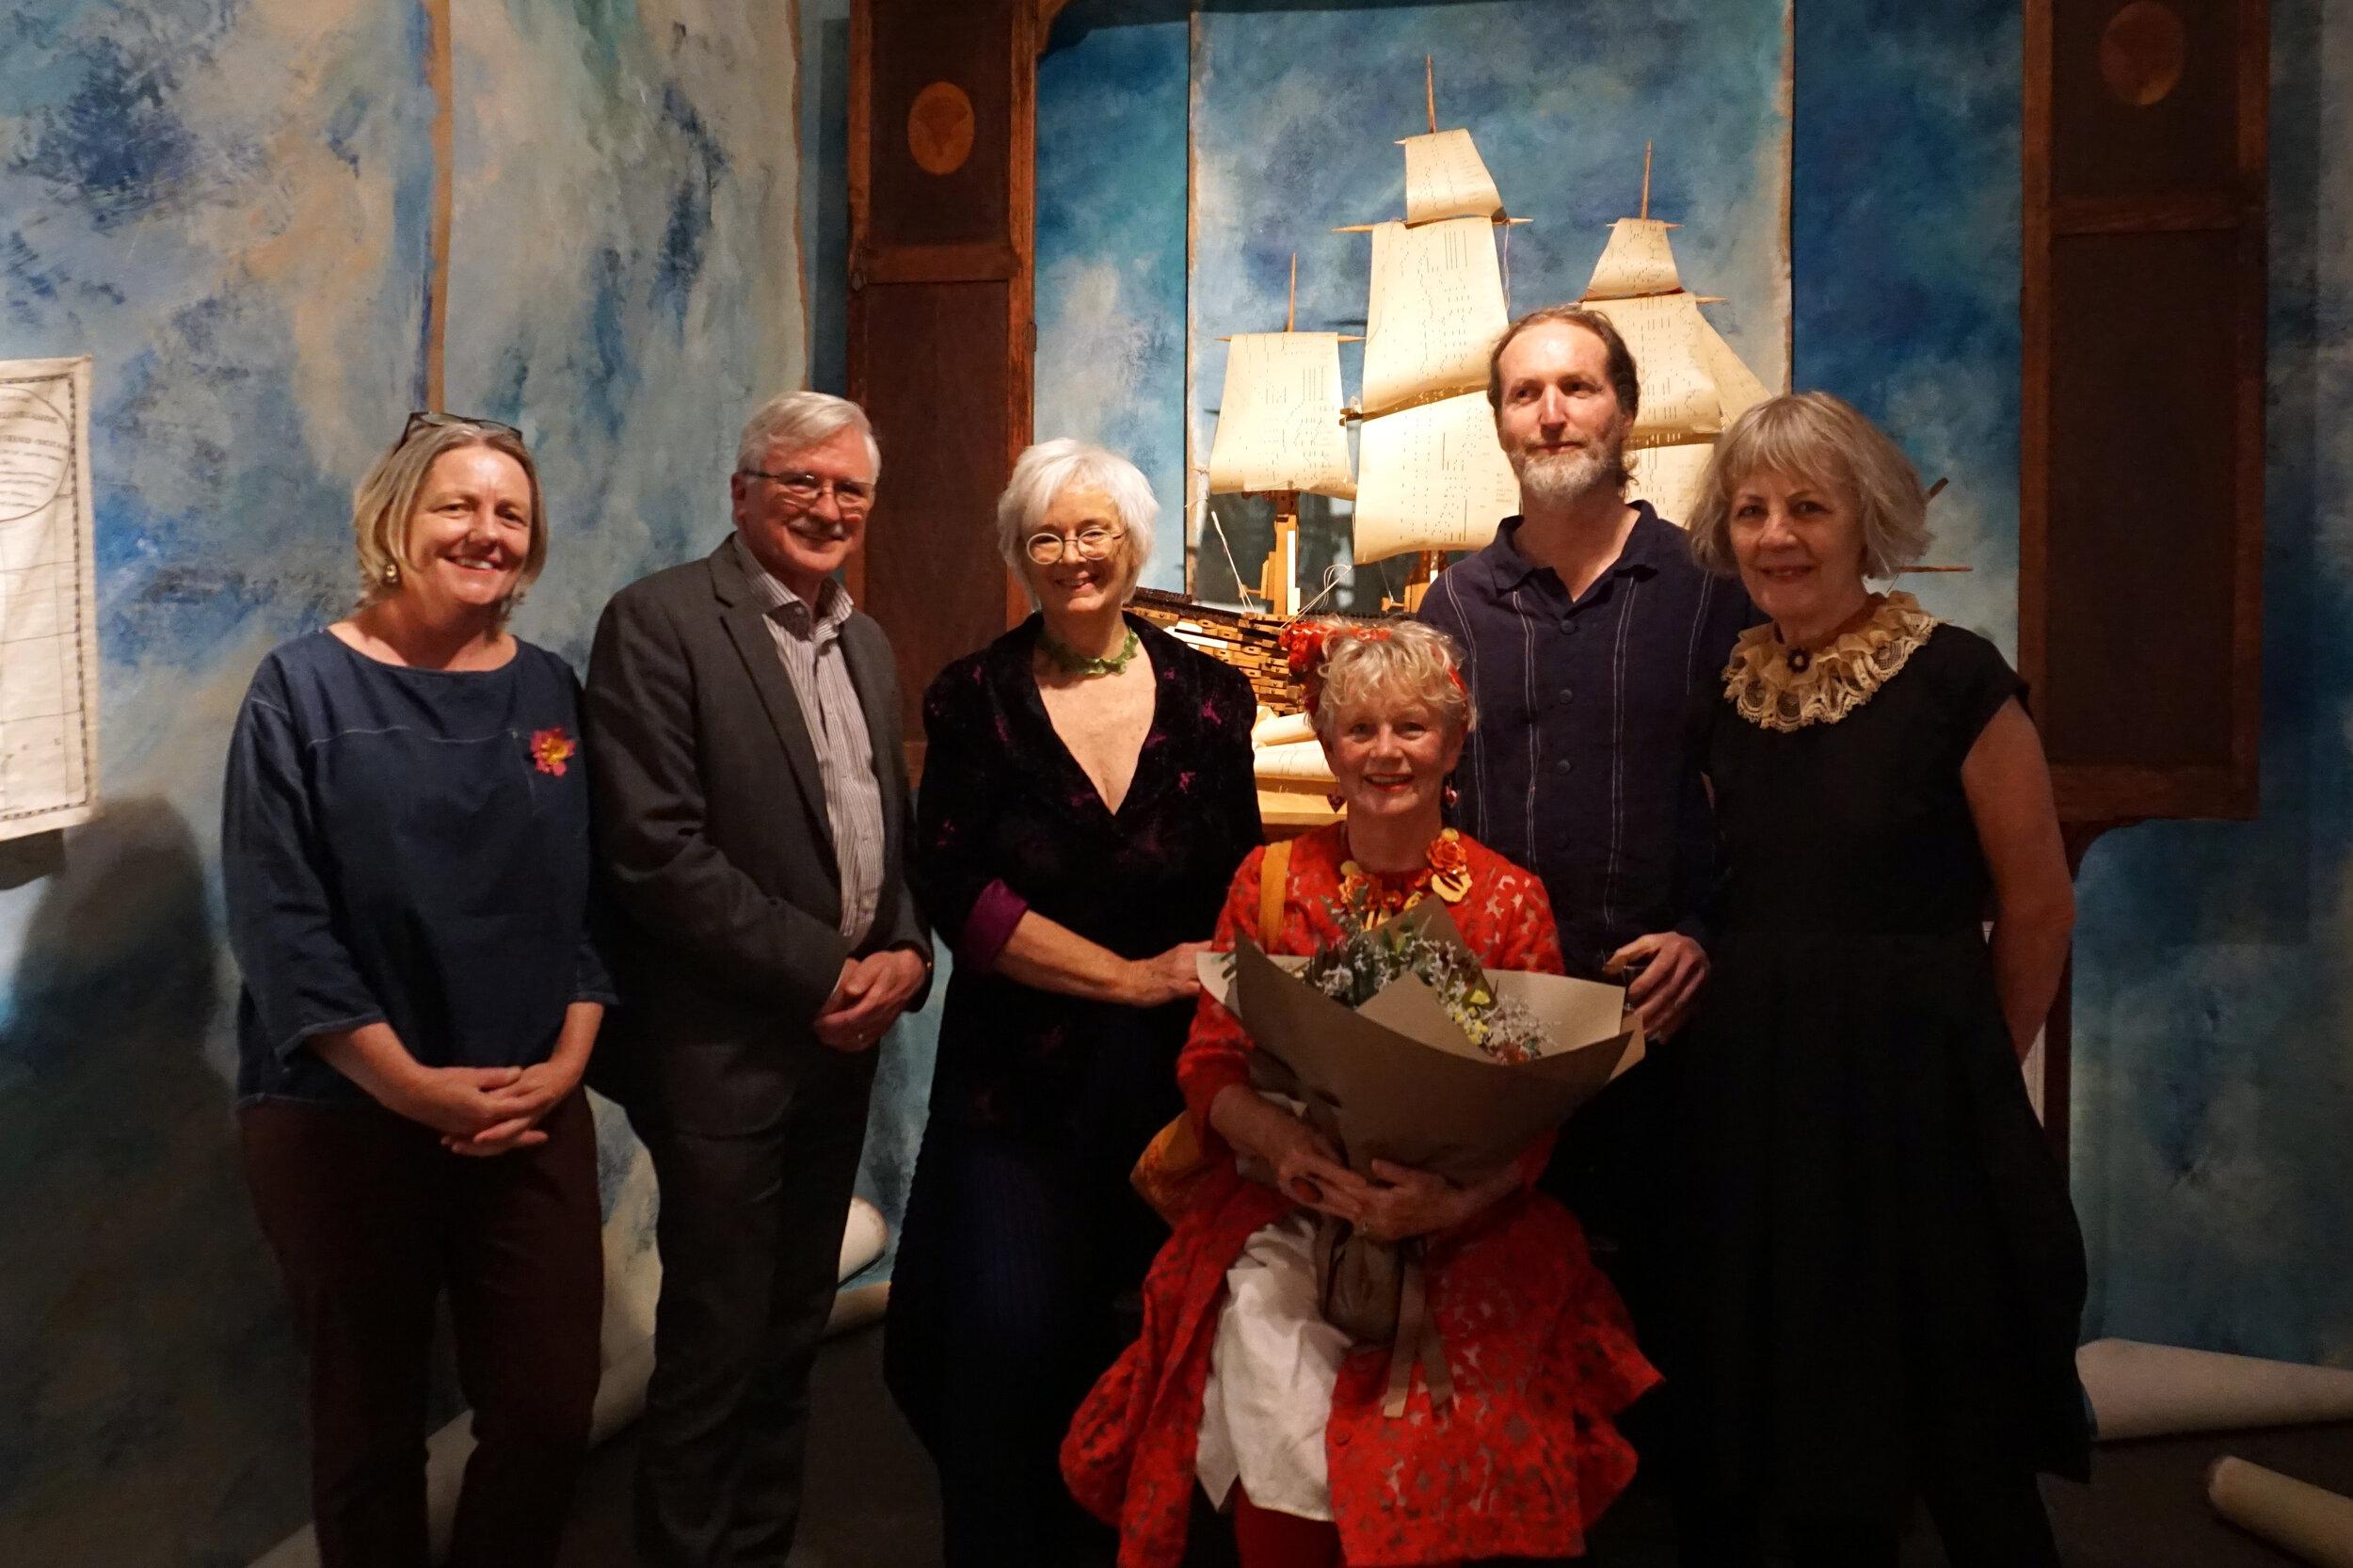 Sarah Toohey, Duncan Ord, Jude van der Merwe, Susie Vickery, Nathan Crotty, Susi Rigg.jpg